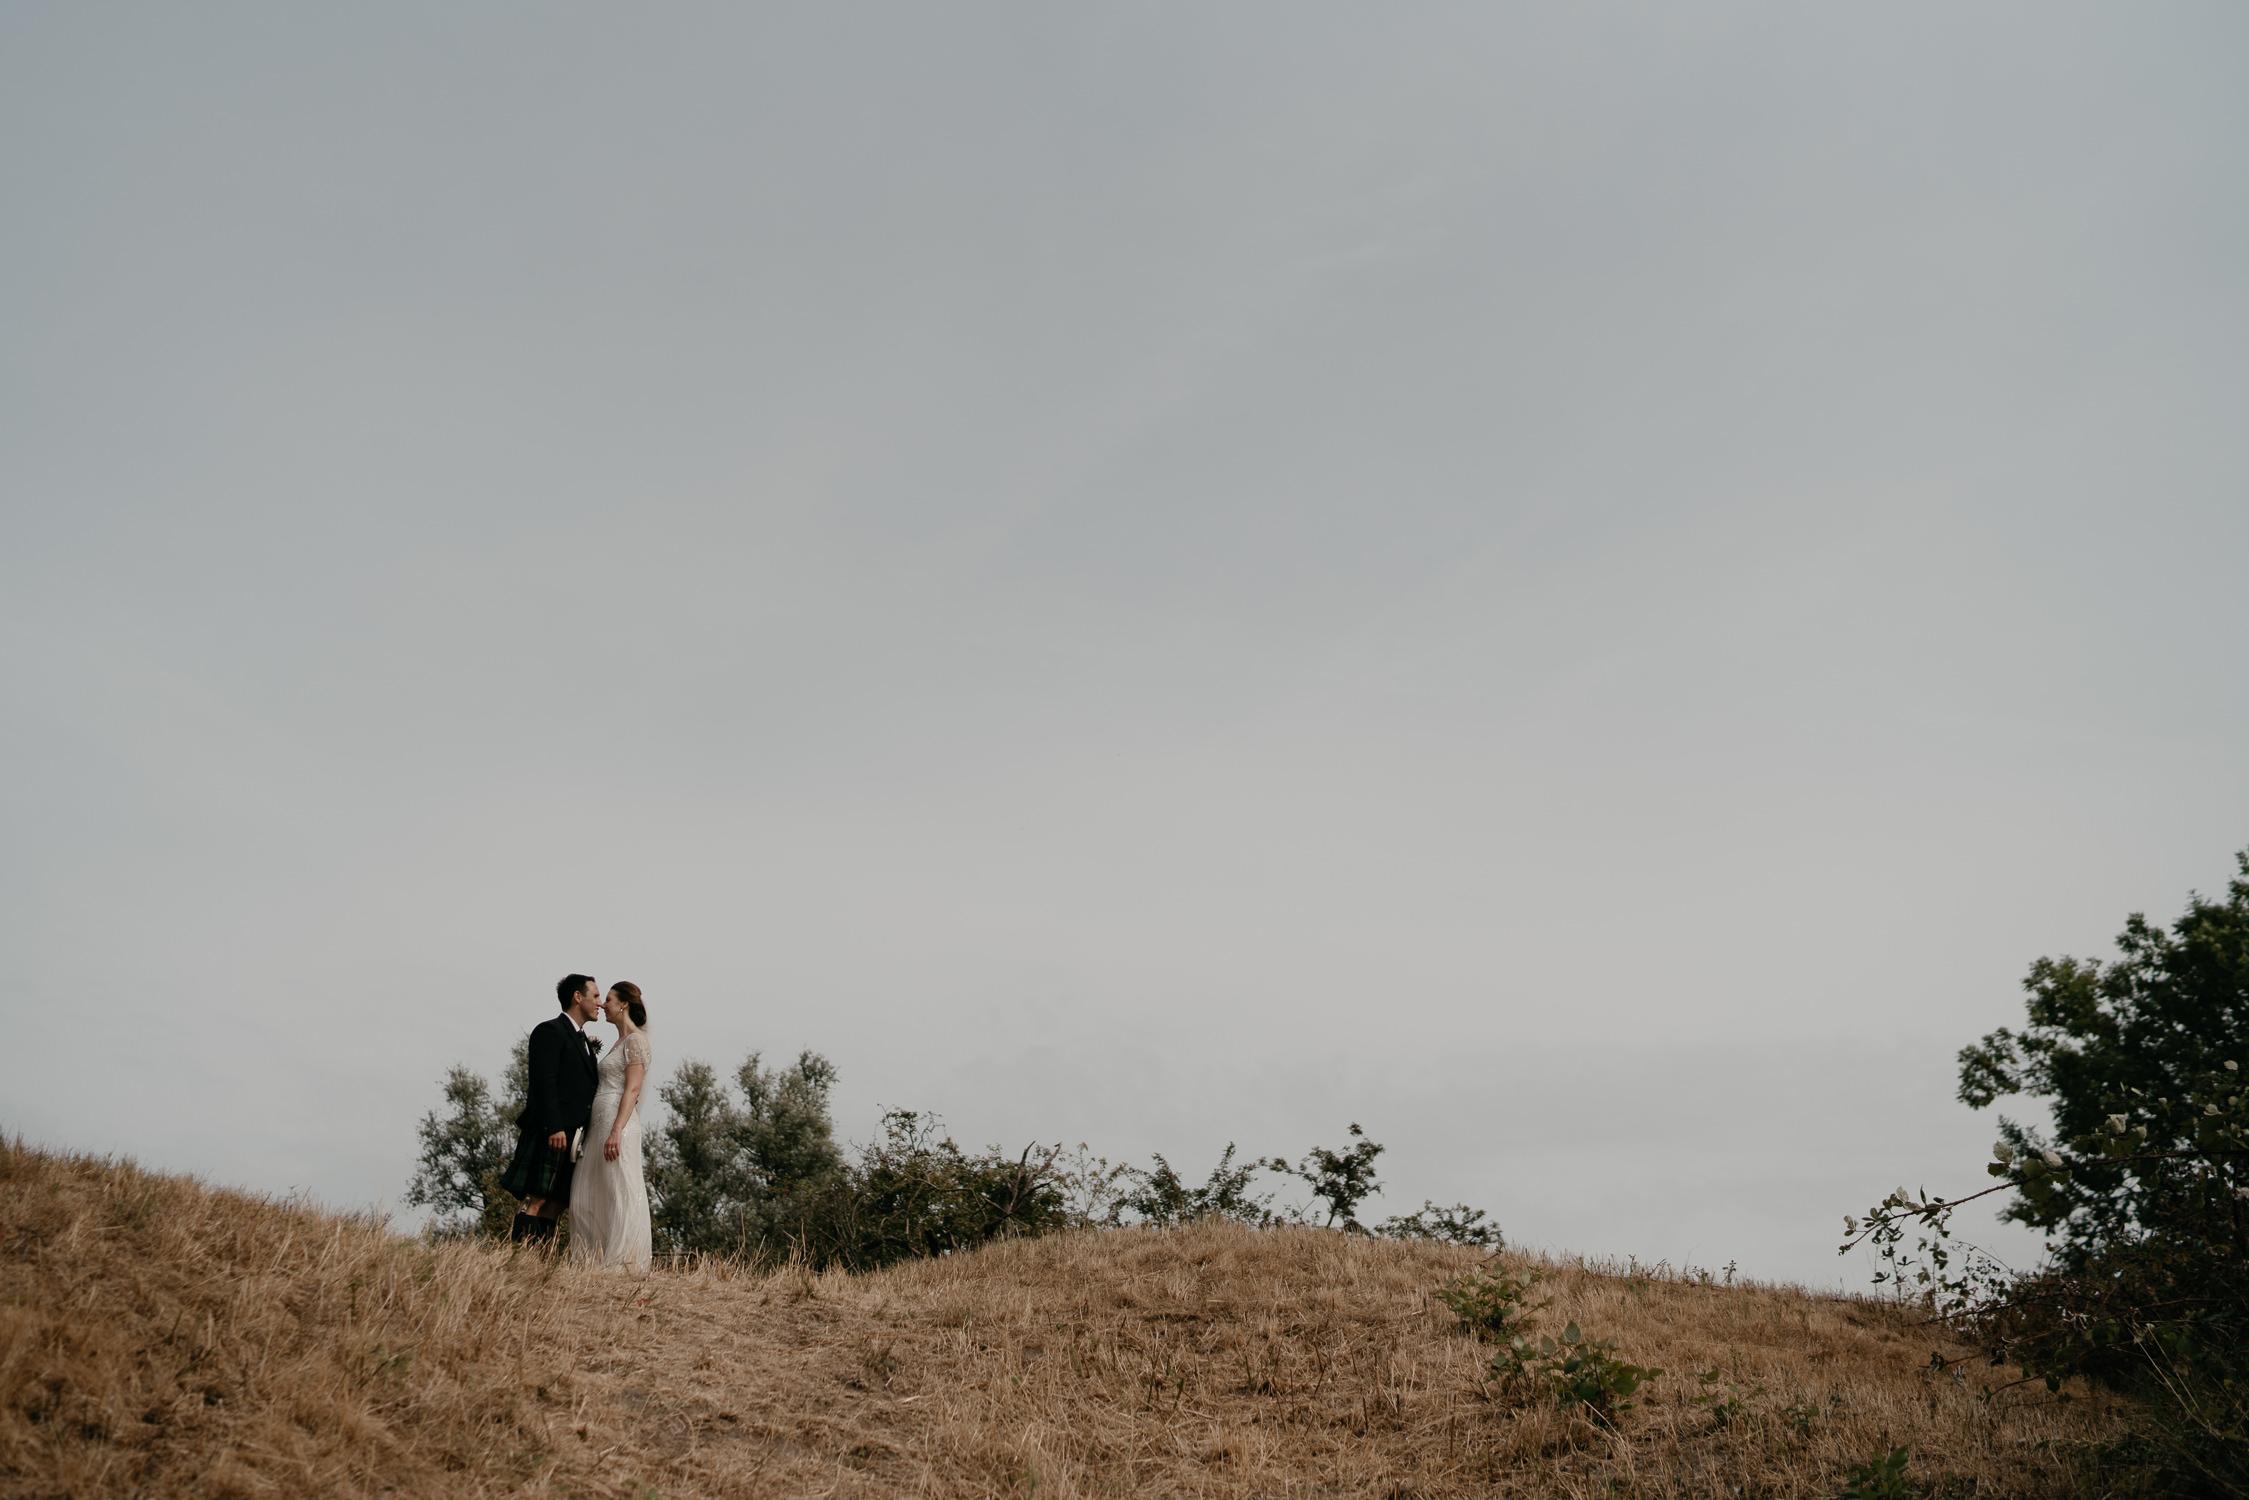 trouwfotograaf amsterdam mark hadden bruiloft paviljoen puur